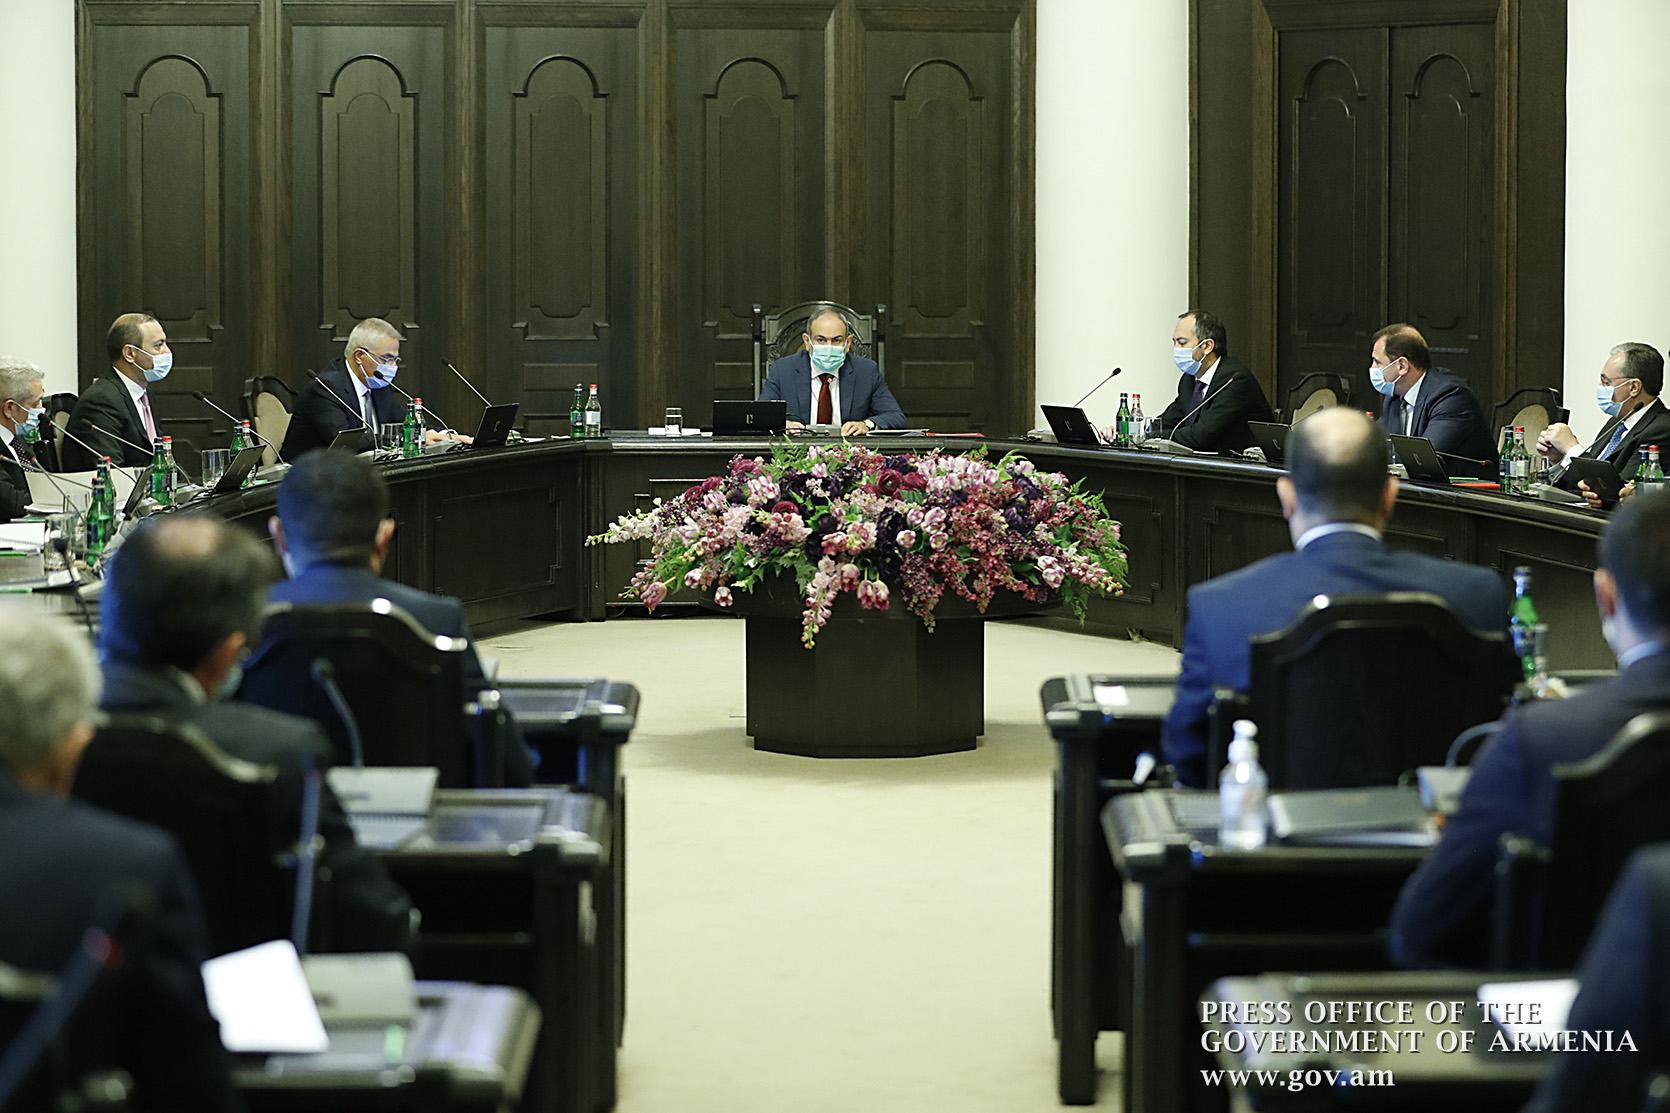 Photo of Եվրահանձնաժողովը Covid-19 –ի հետևանքները մեղմելու և  դատական բարեփոխումների համար Հայաստանին կհատկացնի ընդհանուր 60  մլն եվրո